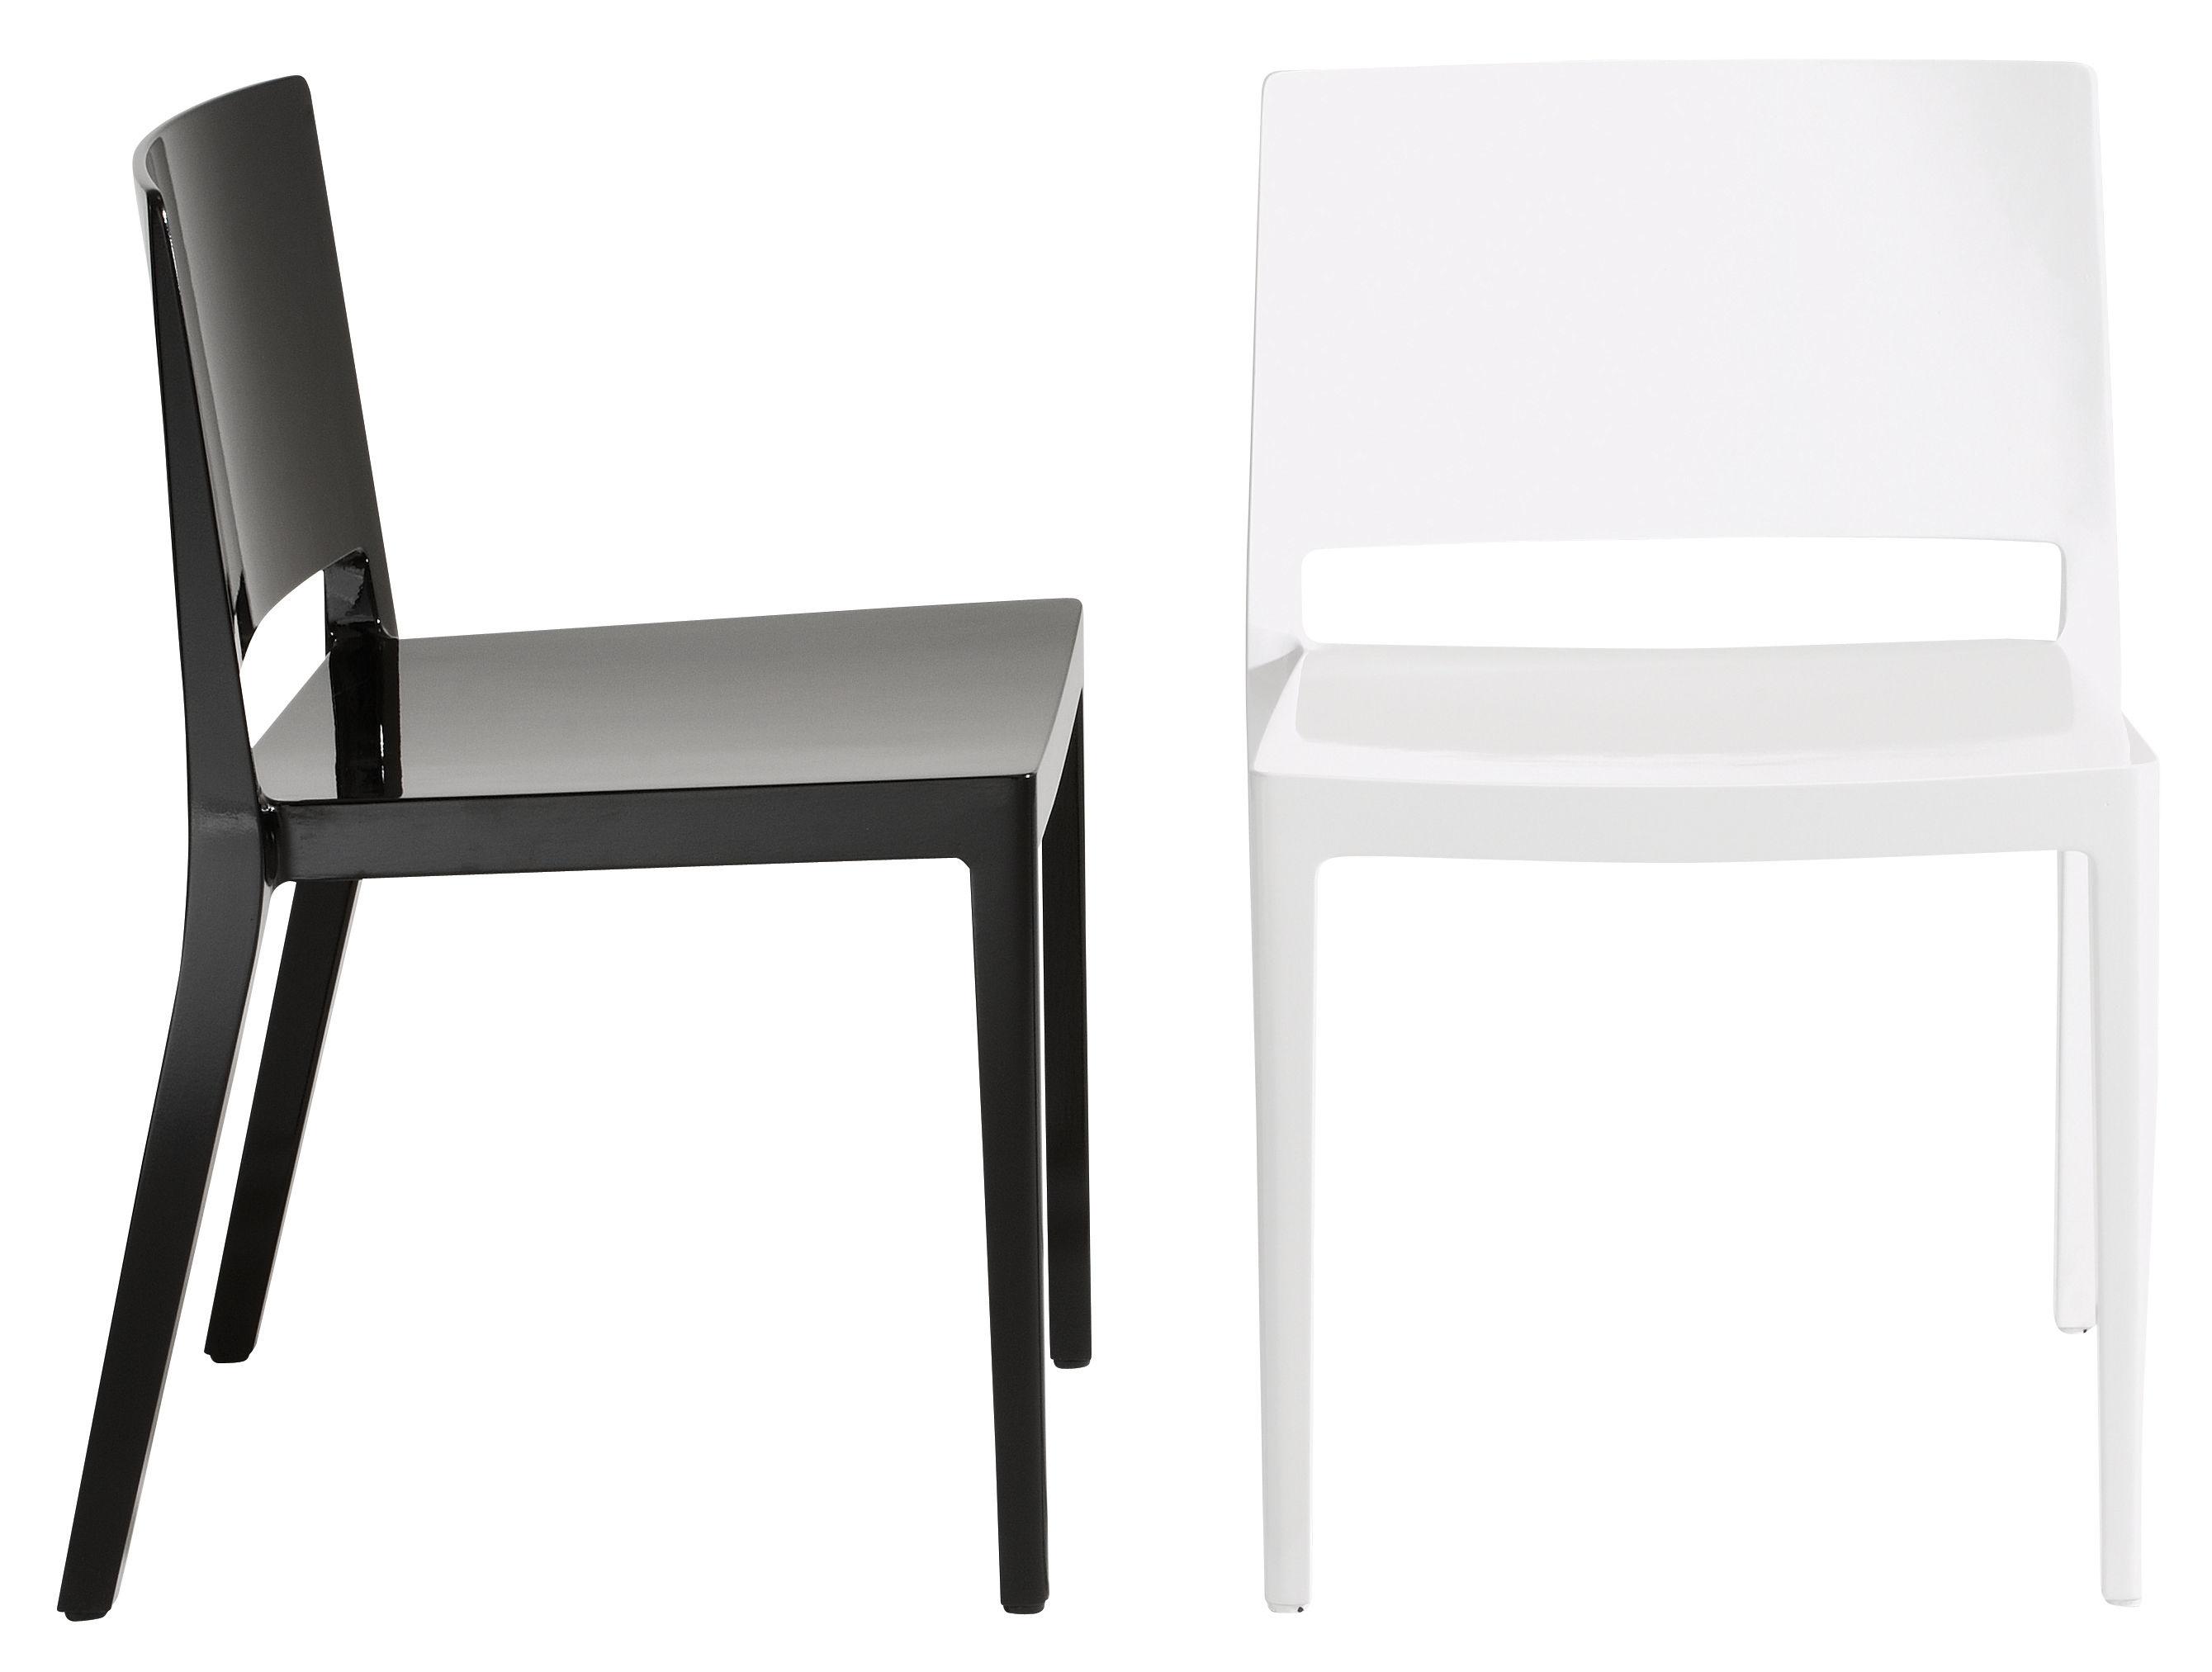 Scopri sedia lizz nero lucido di kartell made in design for Sedia design kartell